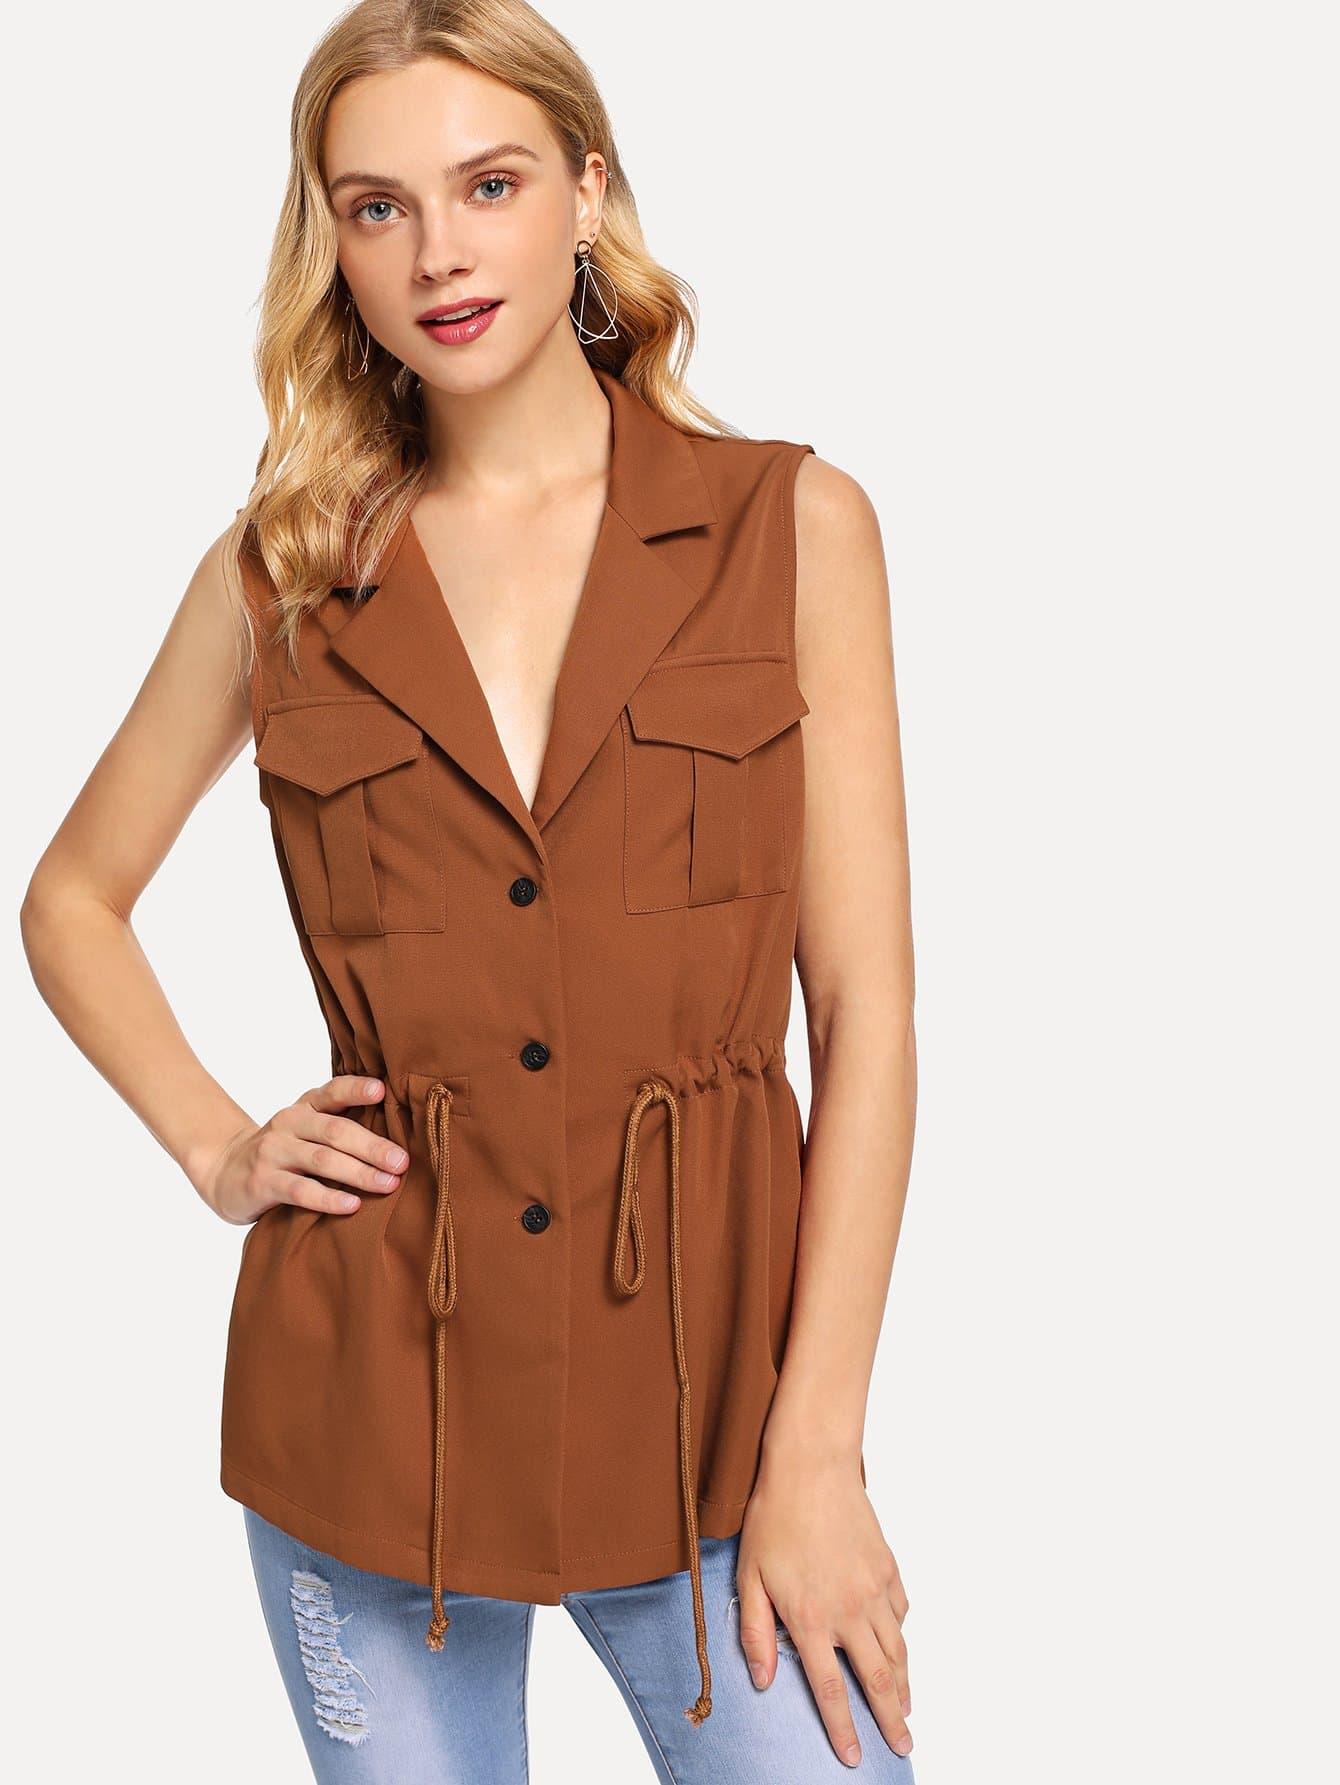 Купить Пальто с воротником Notched и с украшением пуговицы и кармана, Nedab, SheIn